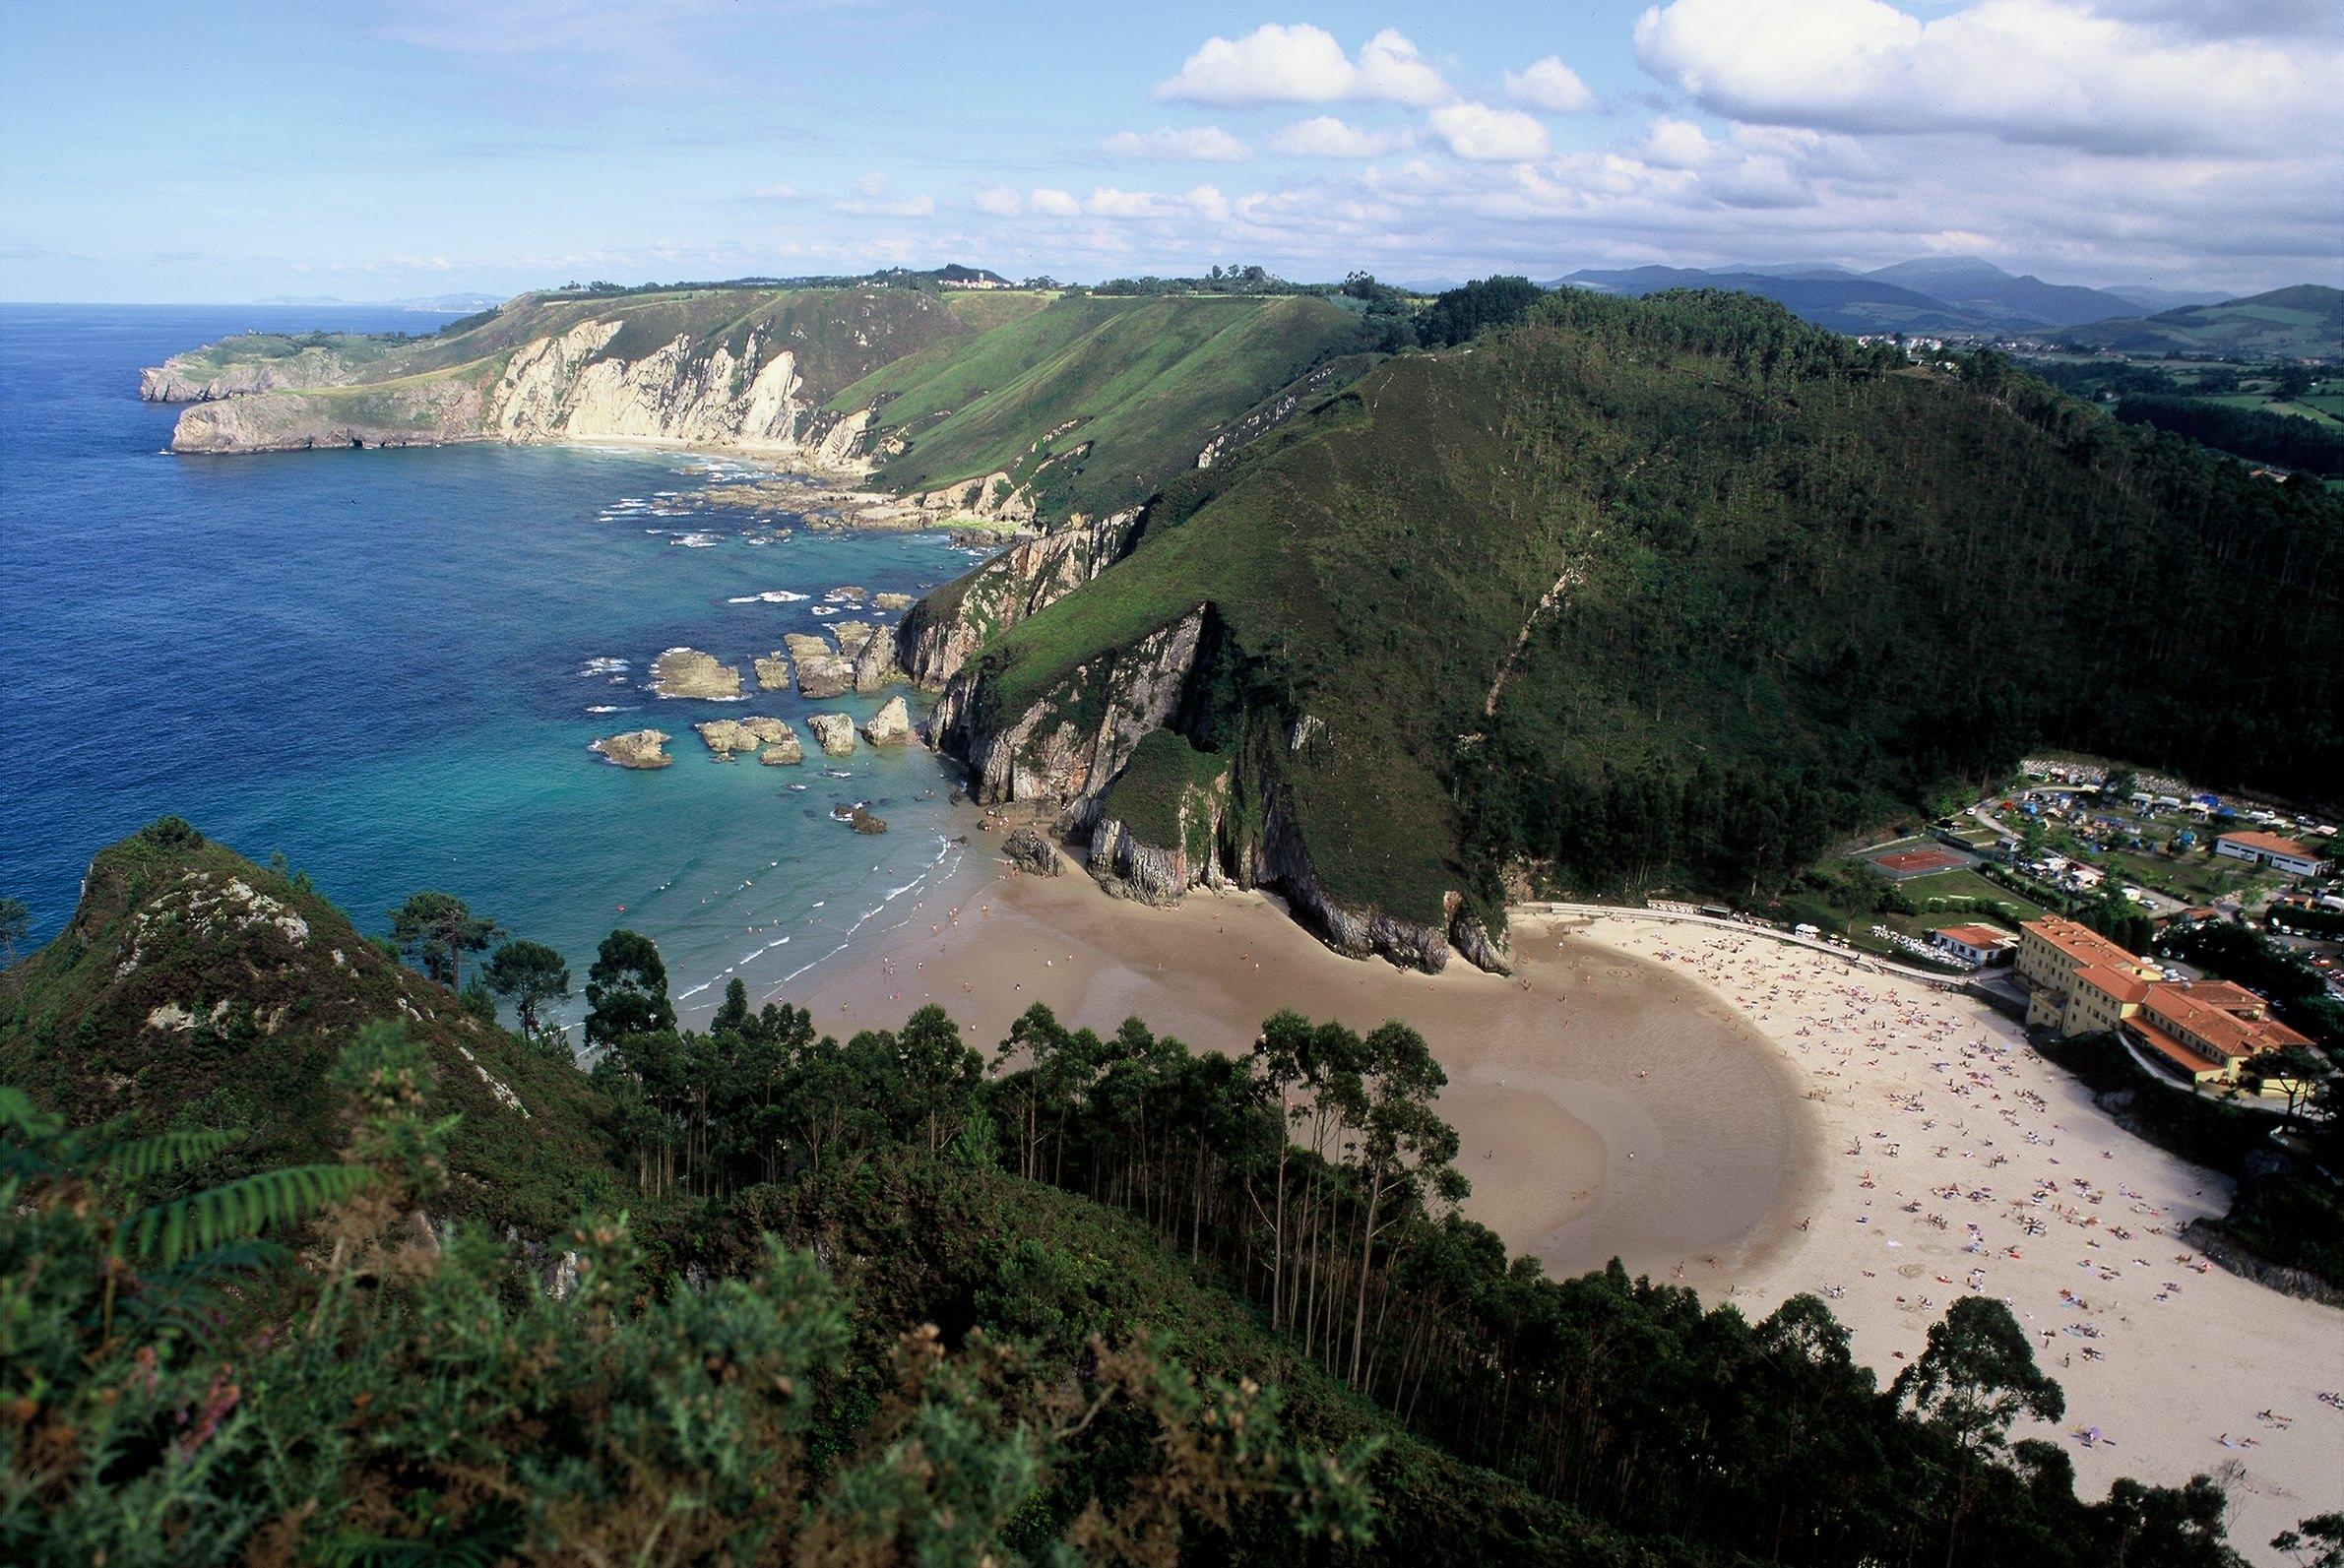 Vista aérea de La Franca con la playa, el mar, el Hotel Mirador de la Franca y el Camping Las Hortensias